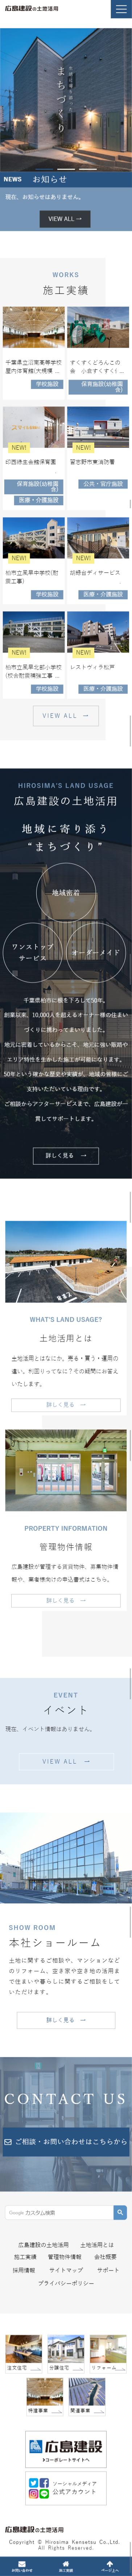 広島建設株式会社様(土地活用サイト)